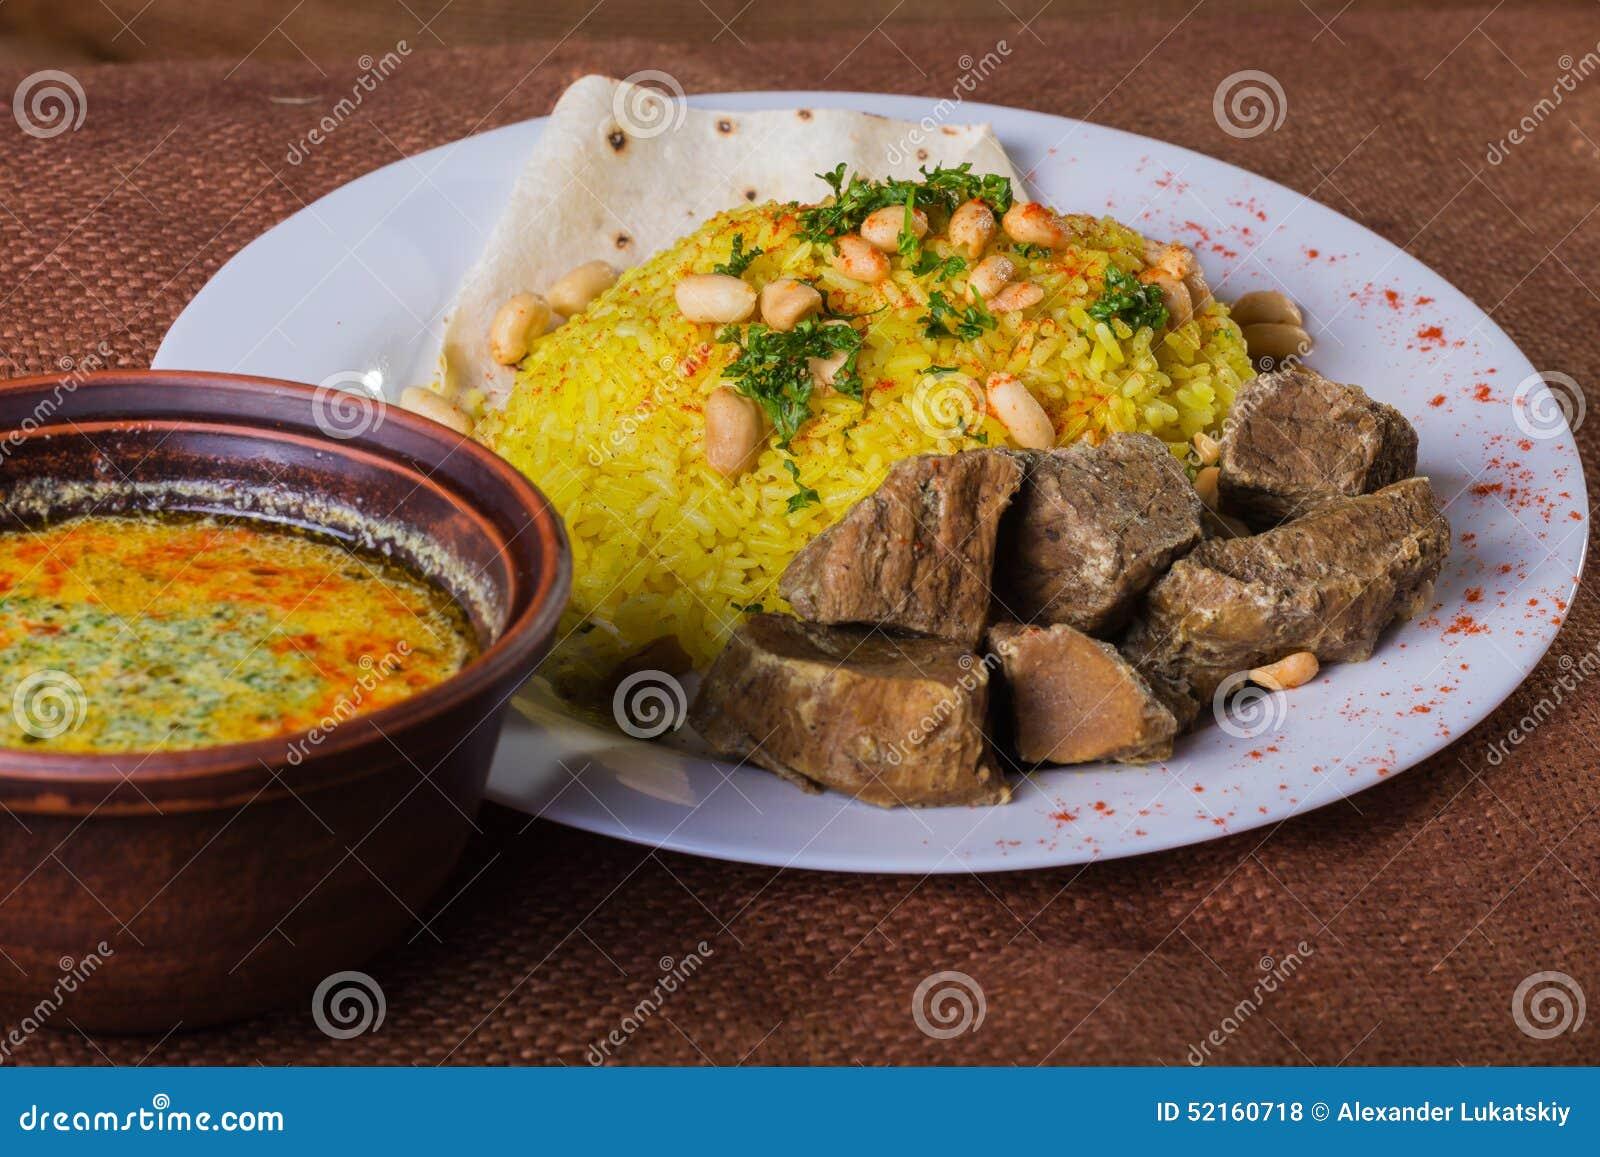 Arab food stock photo  Image of fried, cake, fresh, falafel